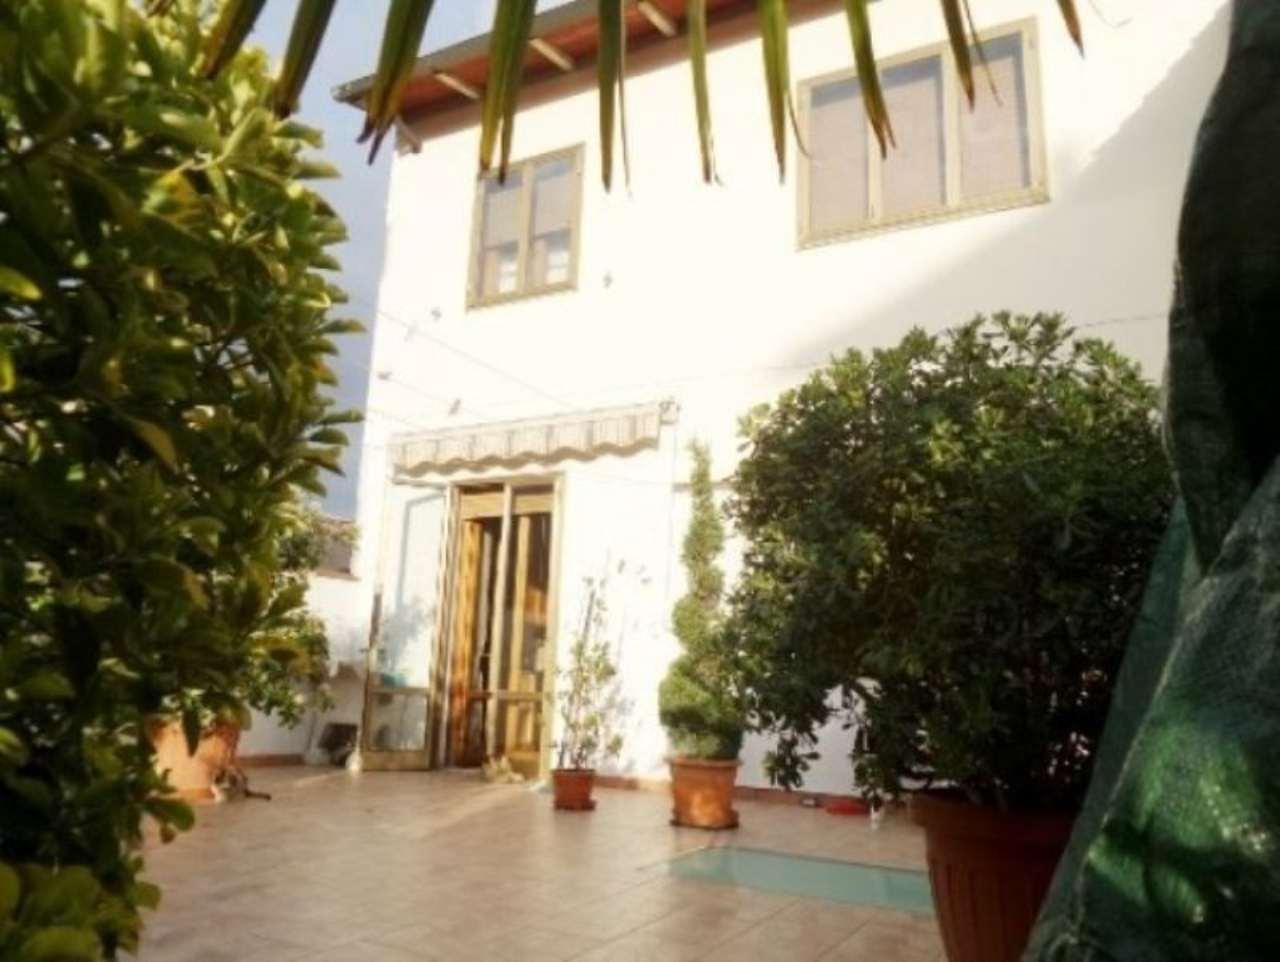 Soluzione Indipendente in vendita a Calenzano, 6 locali, prezzo € 270.000   Cambio Casa.it